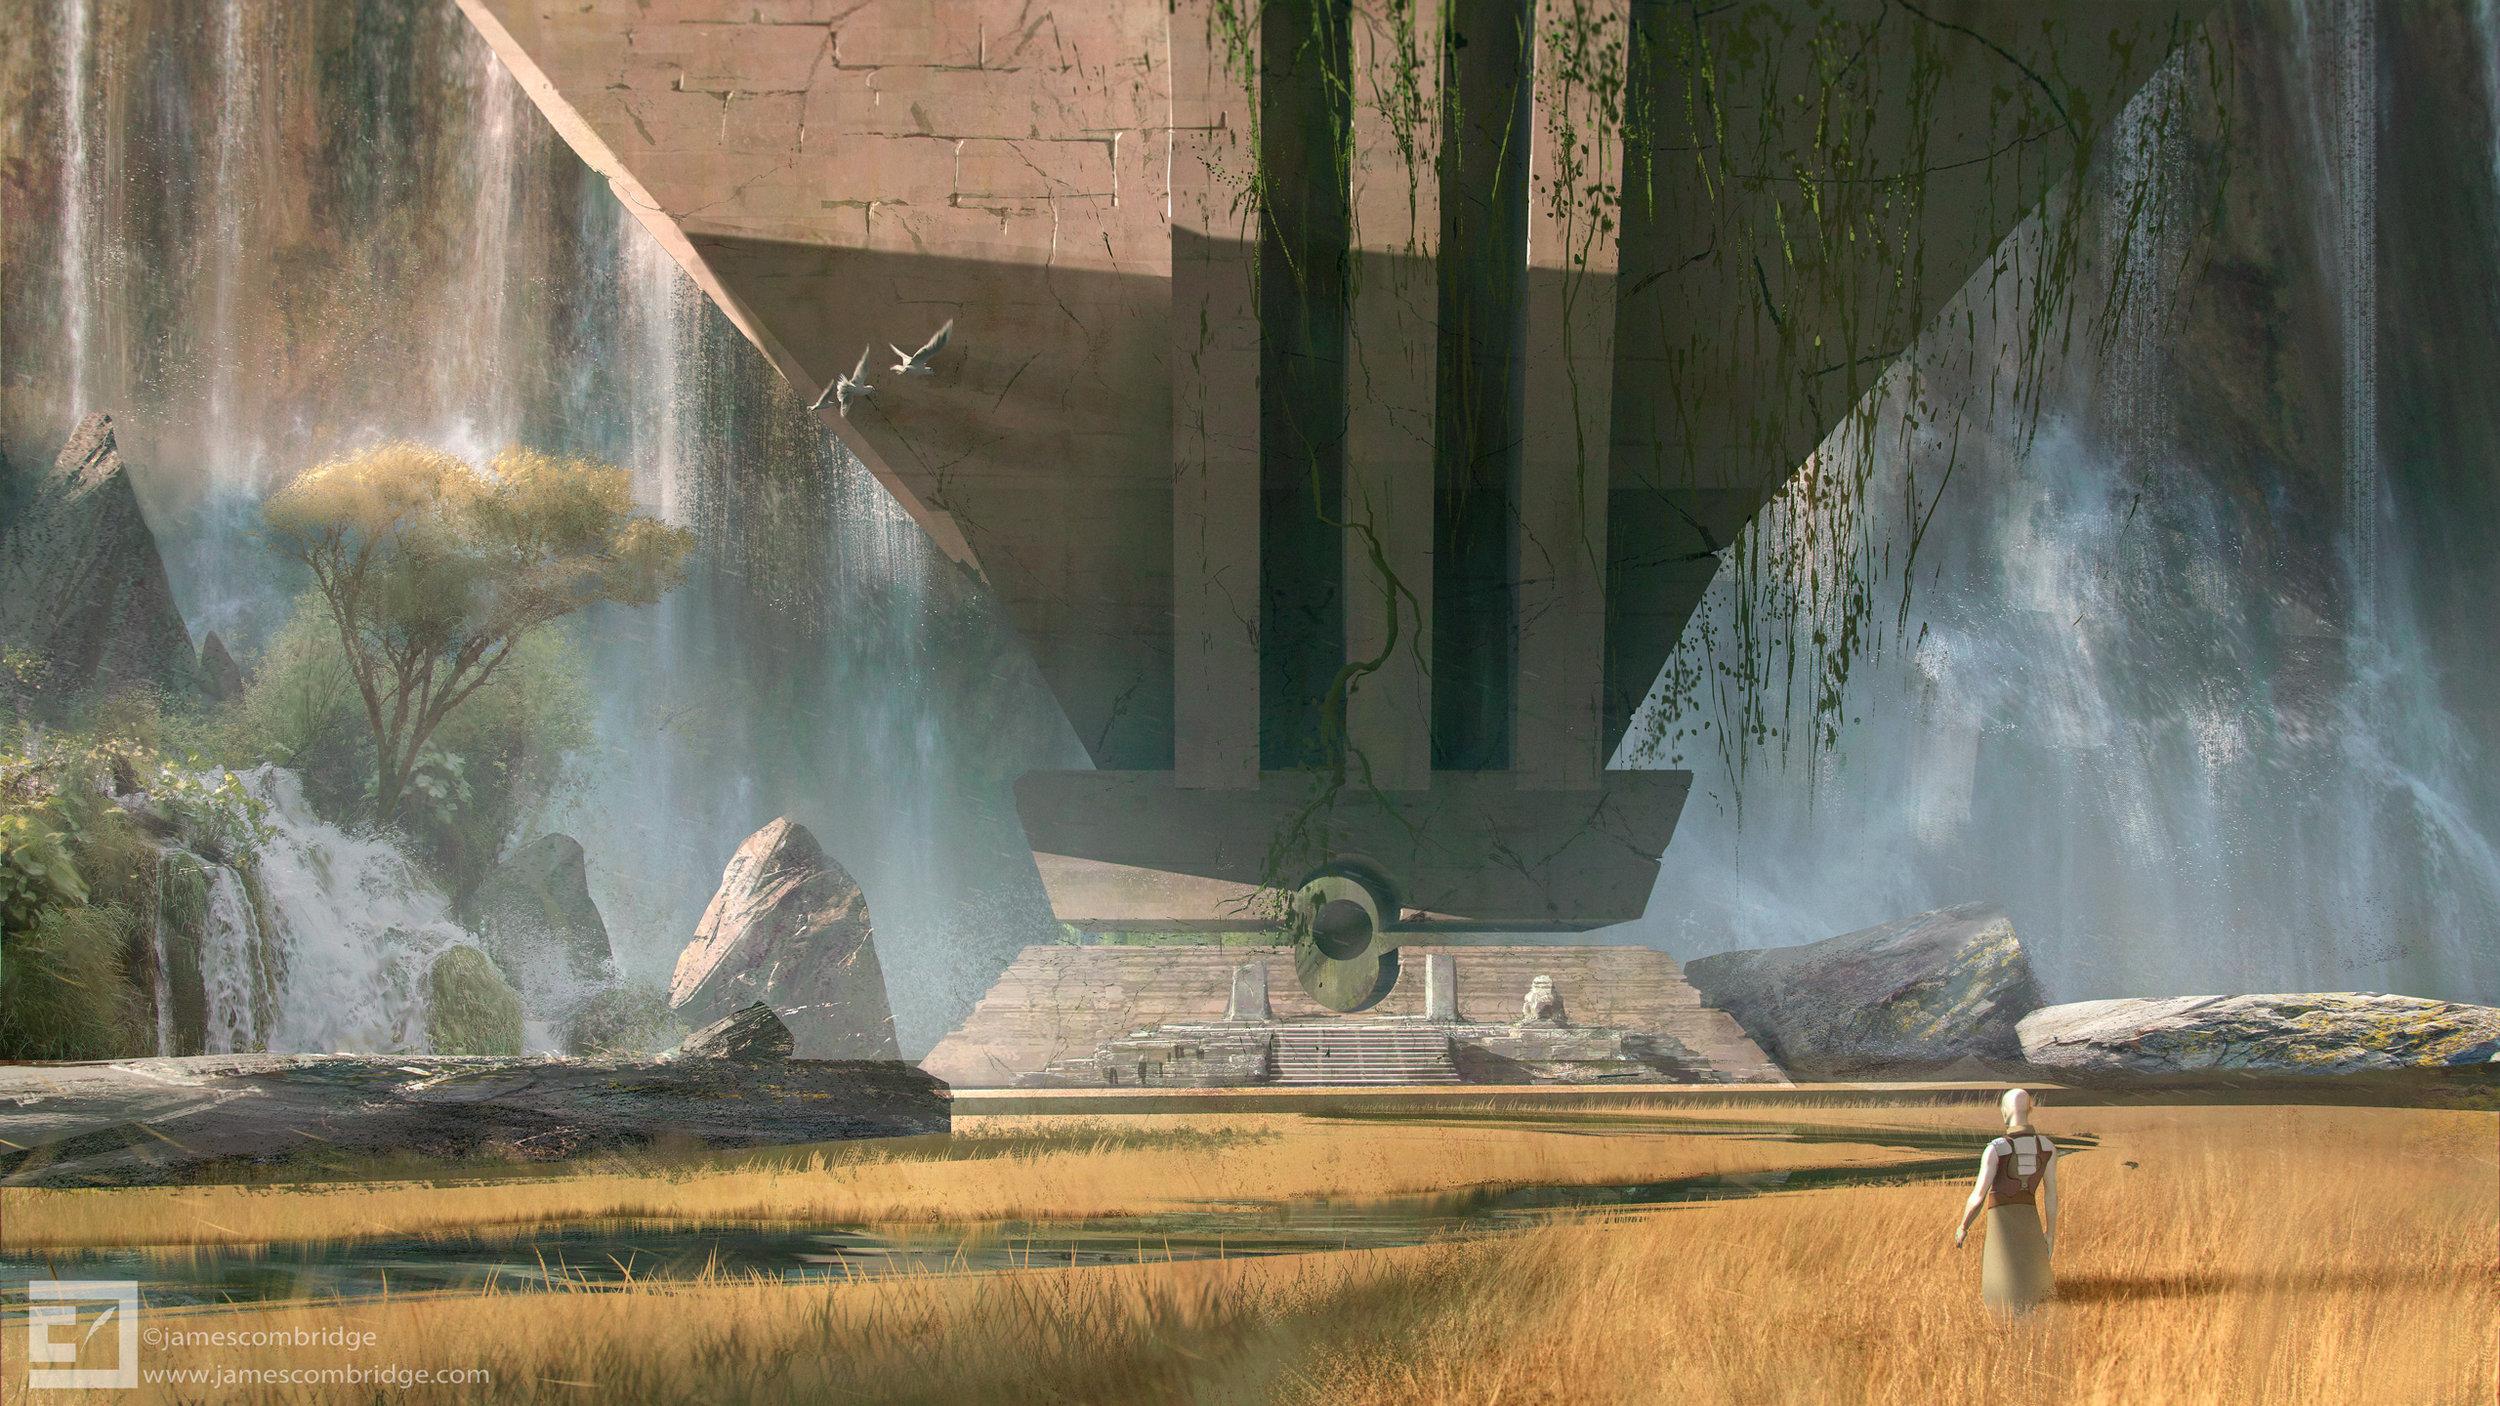 1383-the-kings-temple-james-combridge